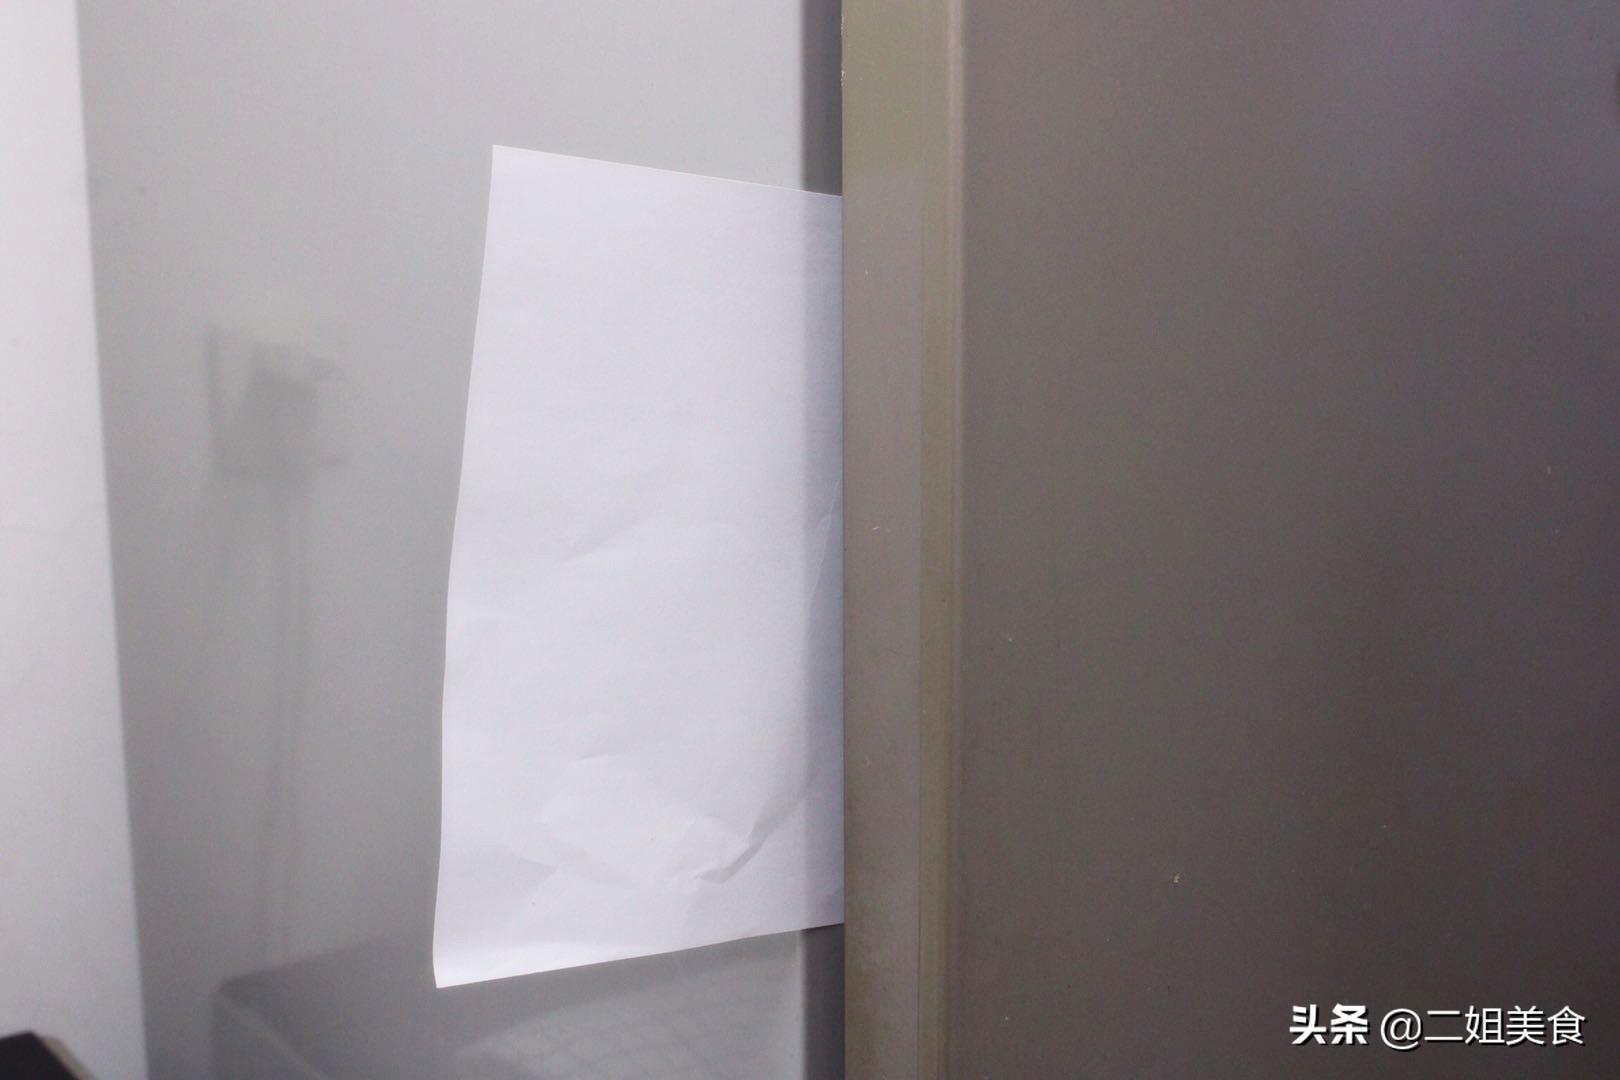 保存食物的冰箱裡放一張紙,太聰明了,用途花錢買不到,真實用